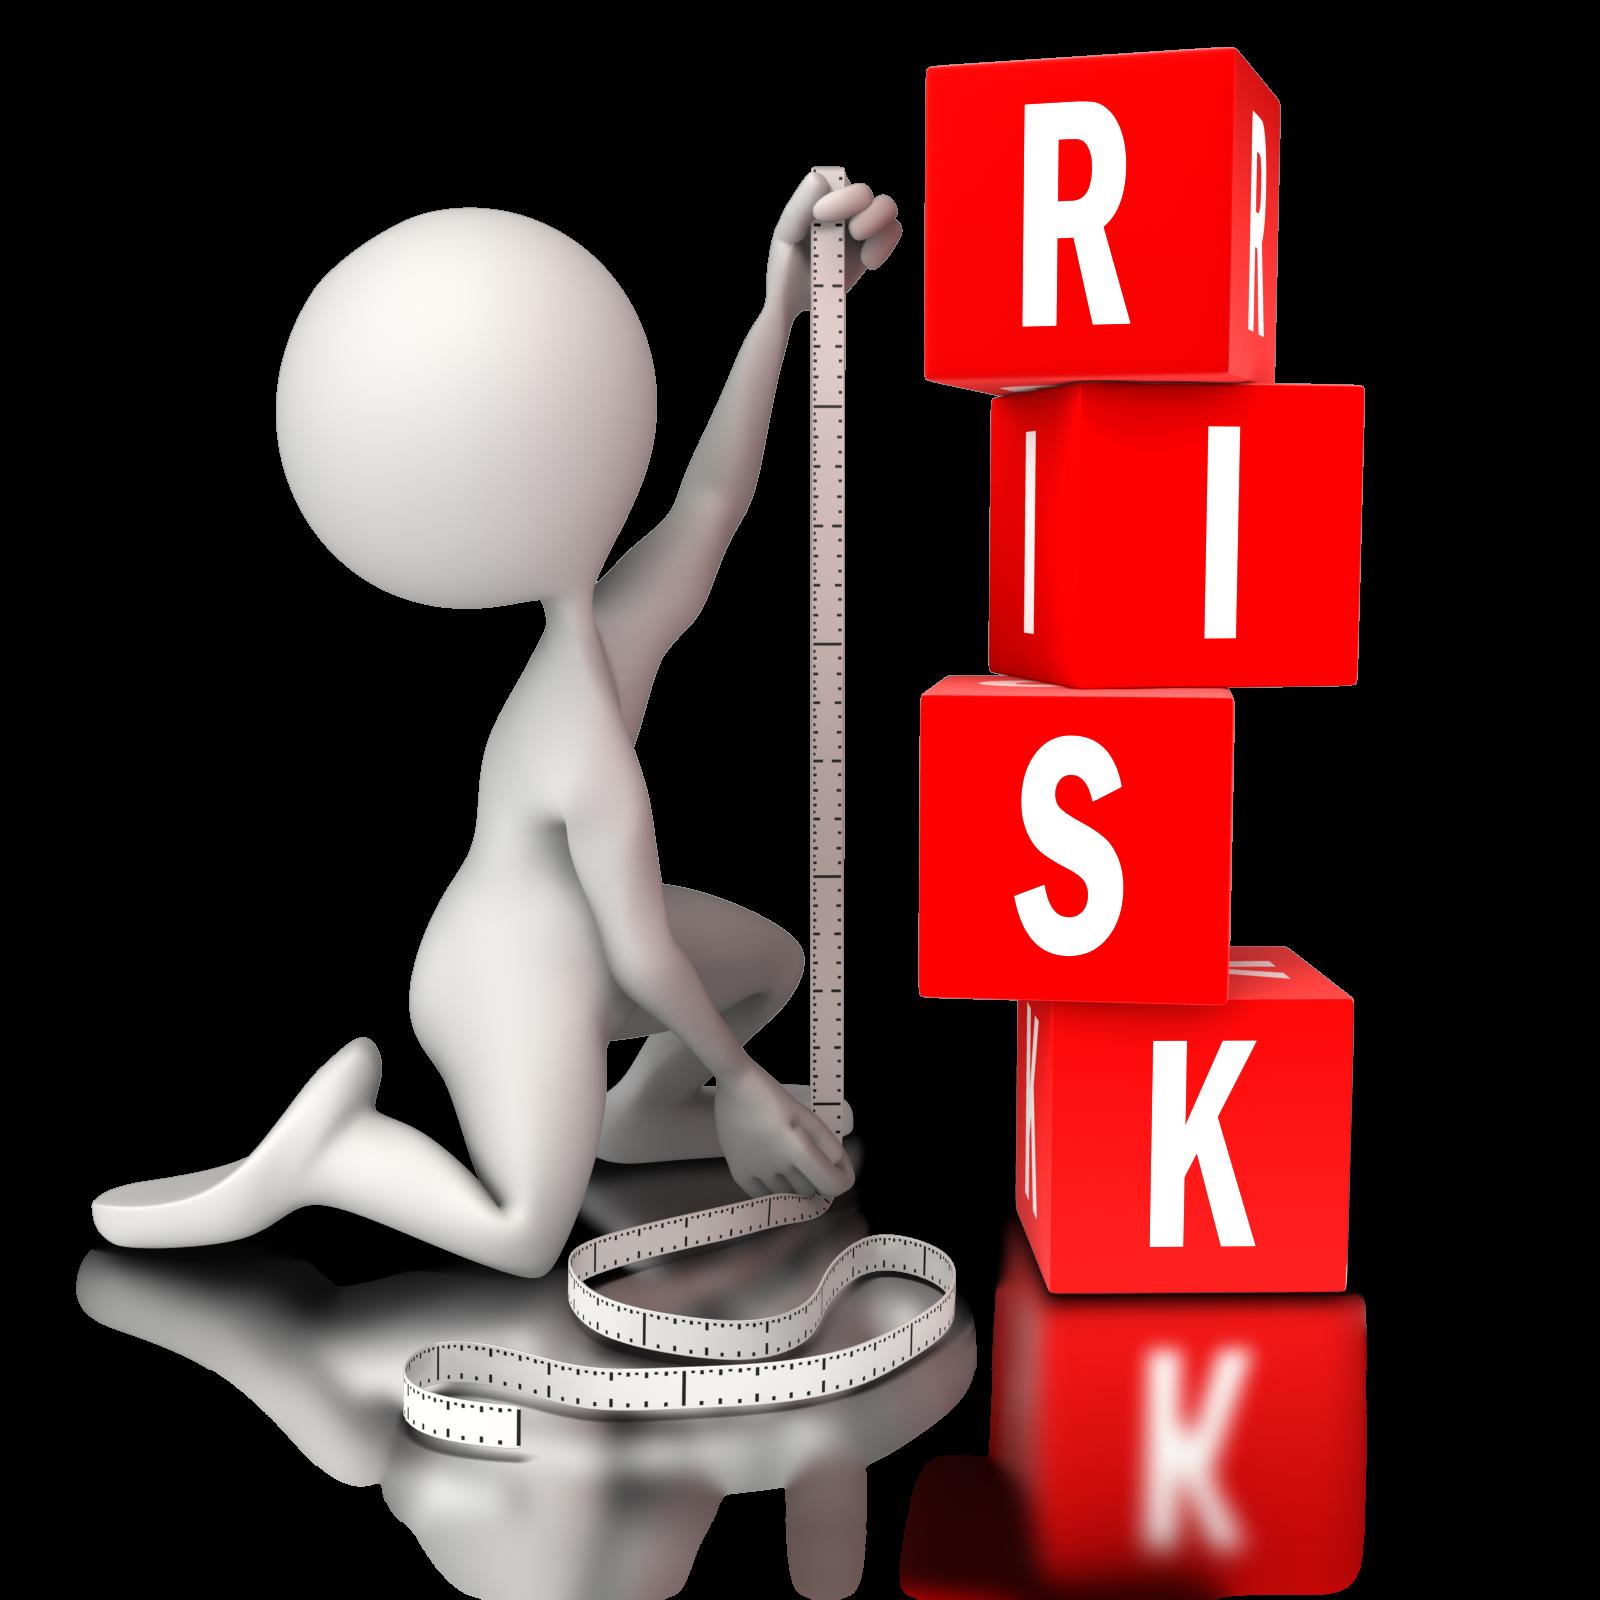 Финансовые риски картинка для презентации